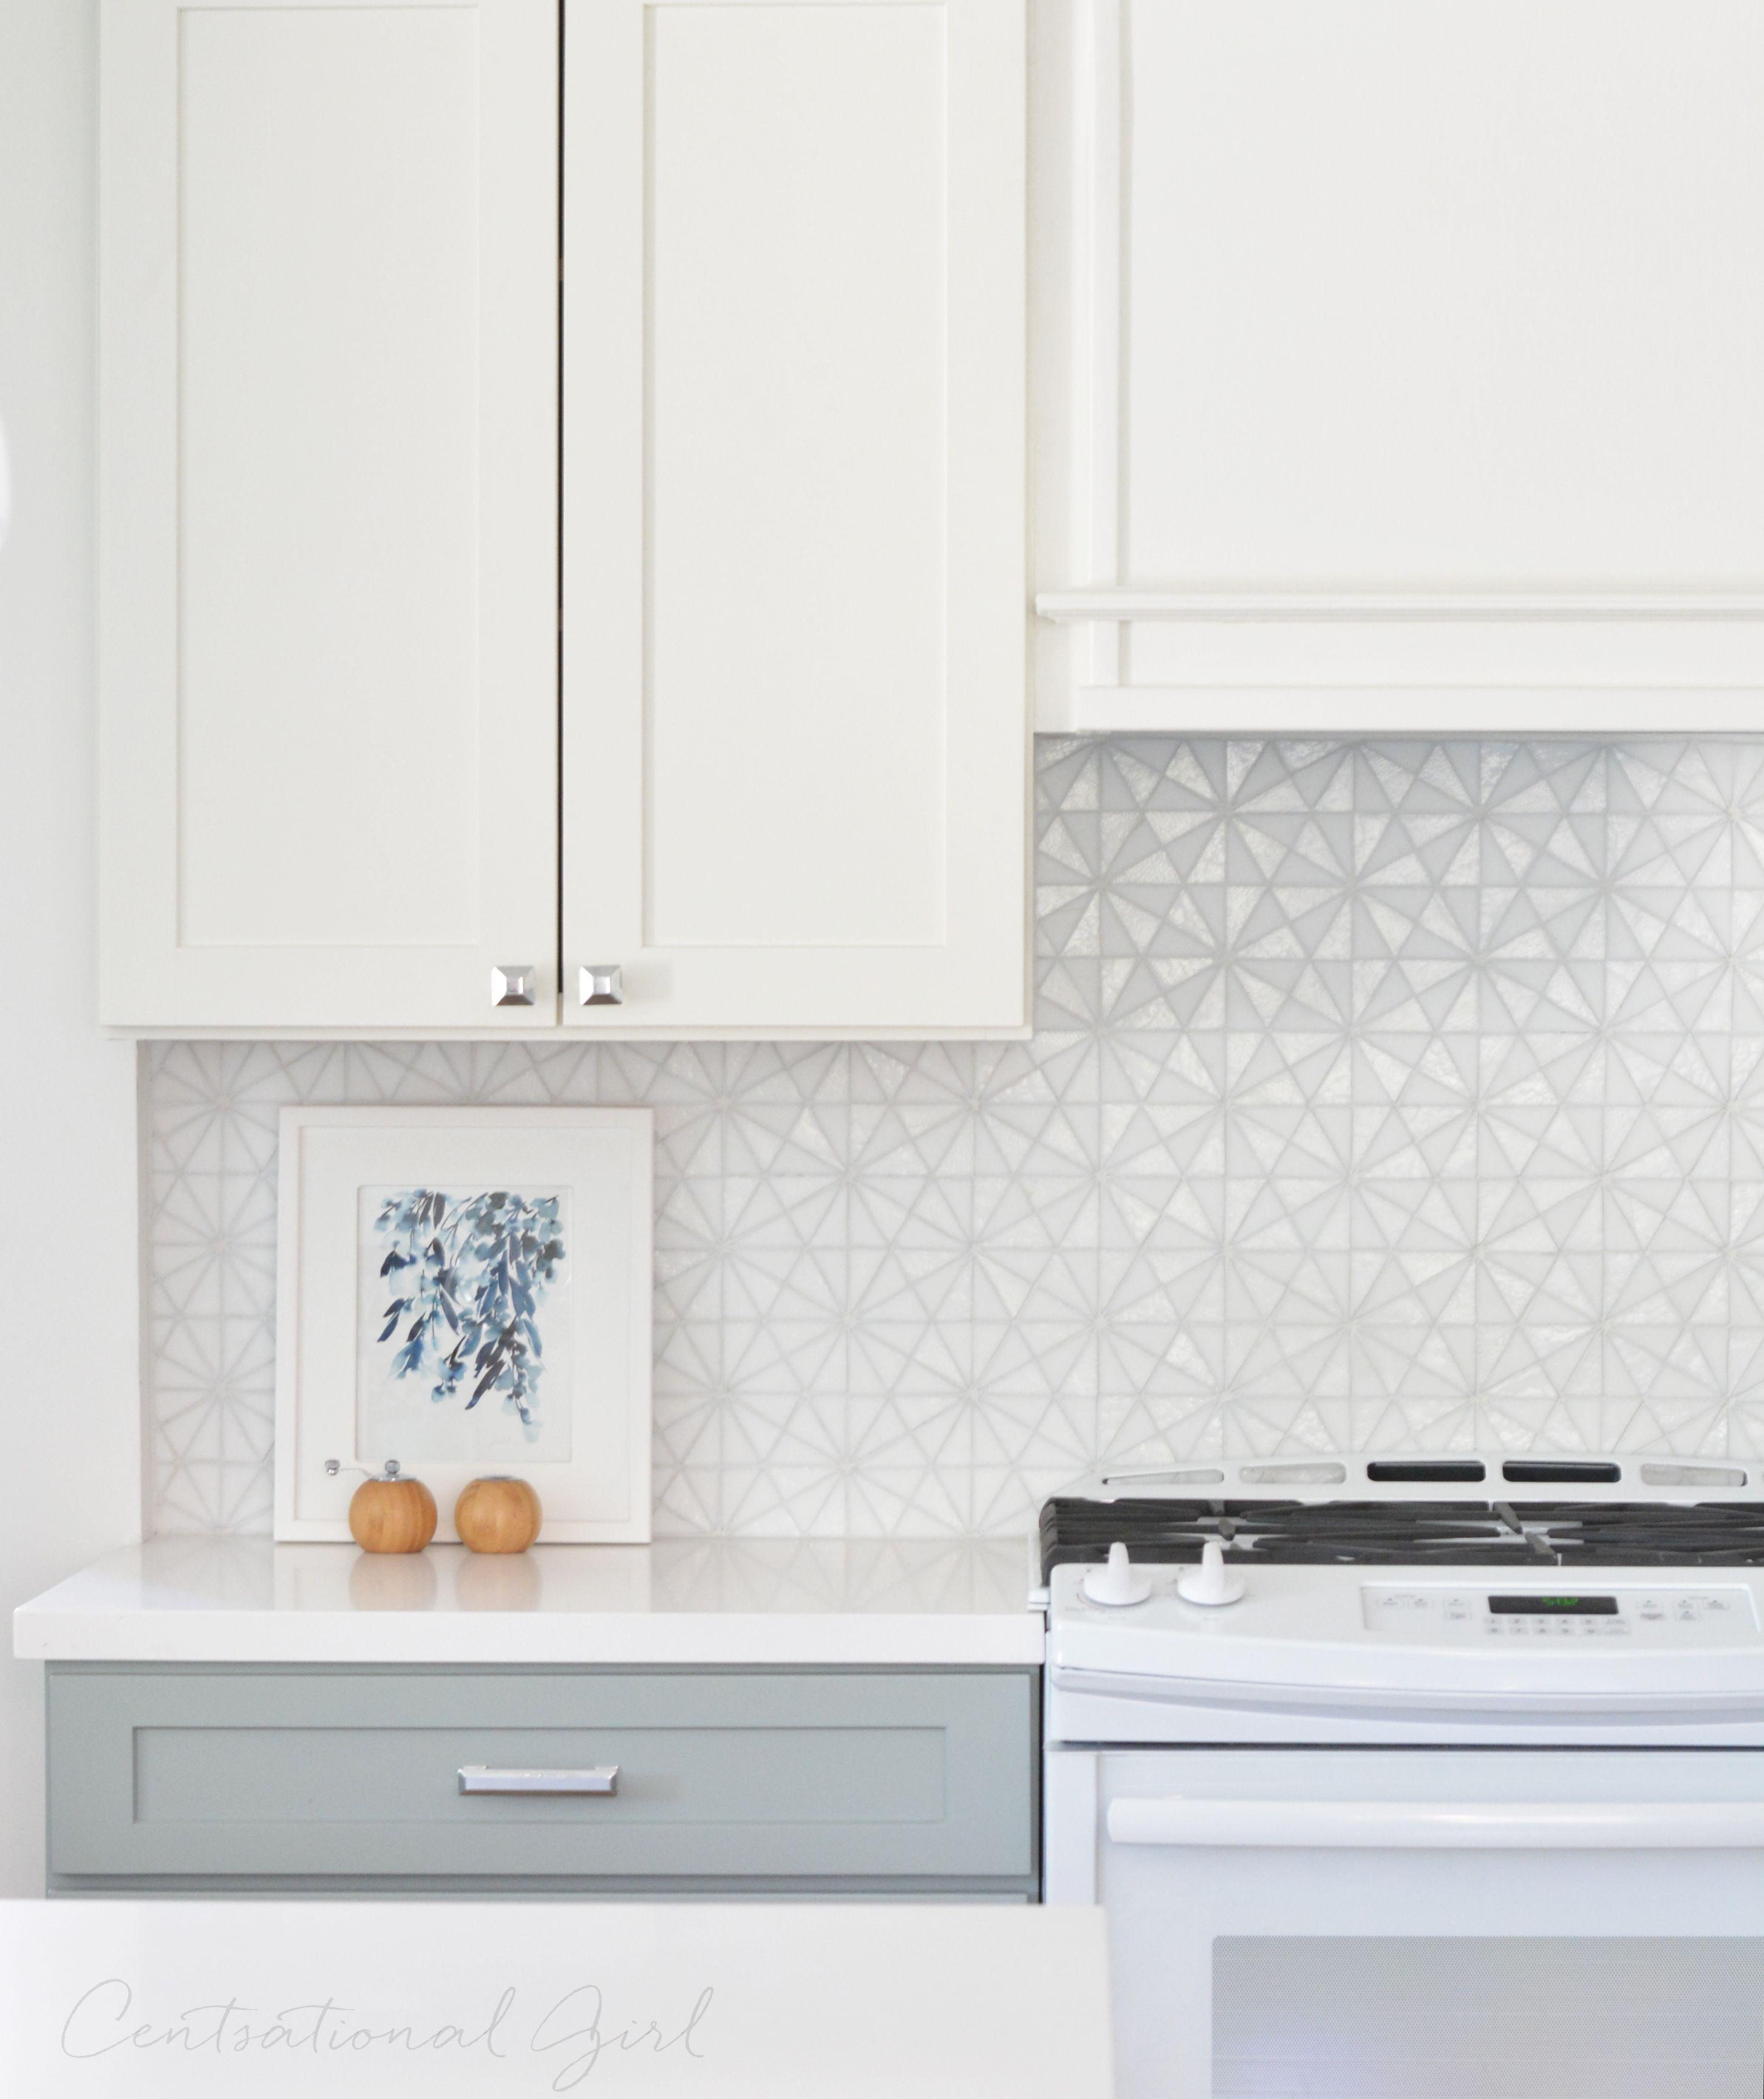 - Kitchen Remodel Glass Tiles Kitchen, White Tile Backsplash